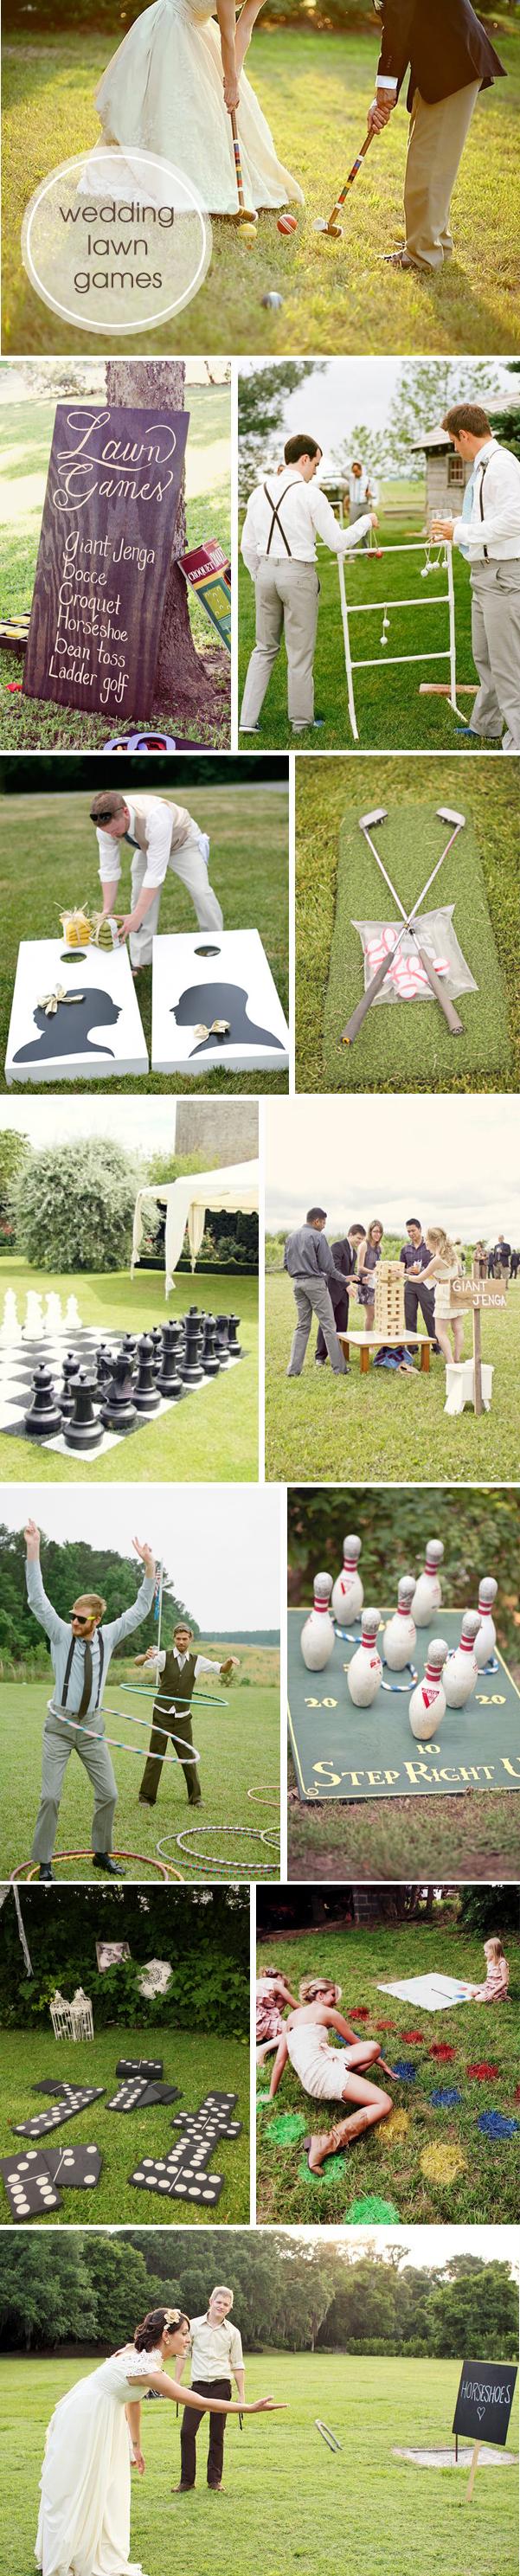 ST_wedding_lawn_games